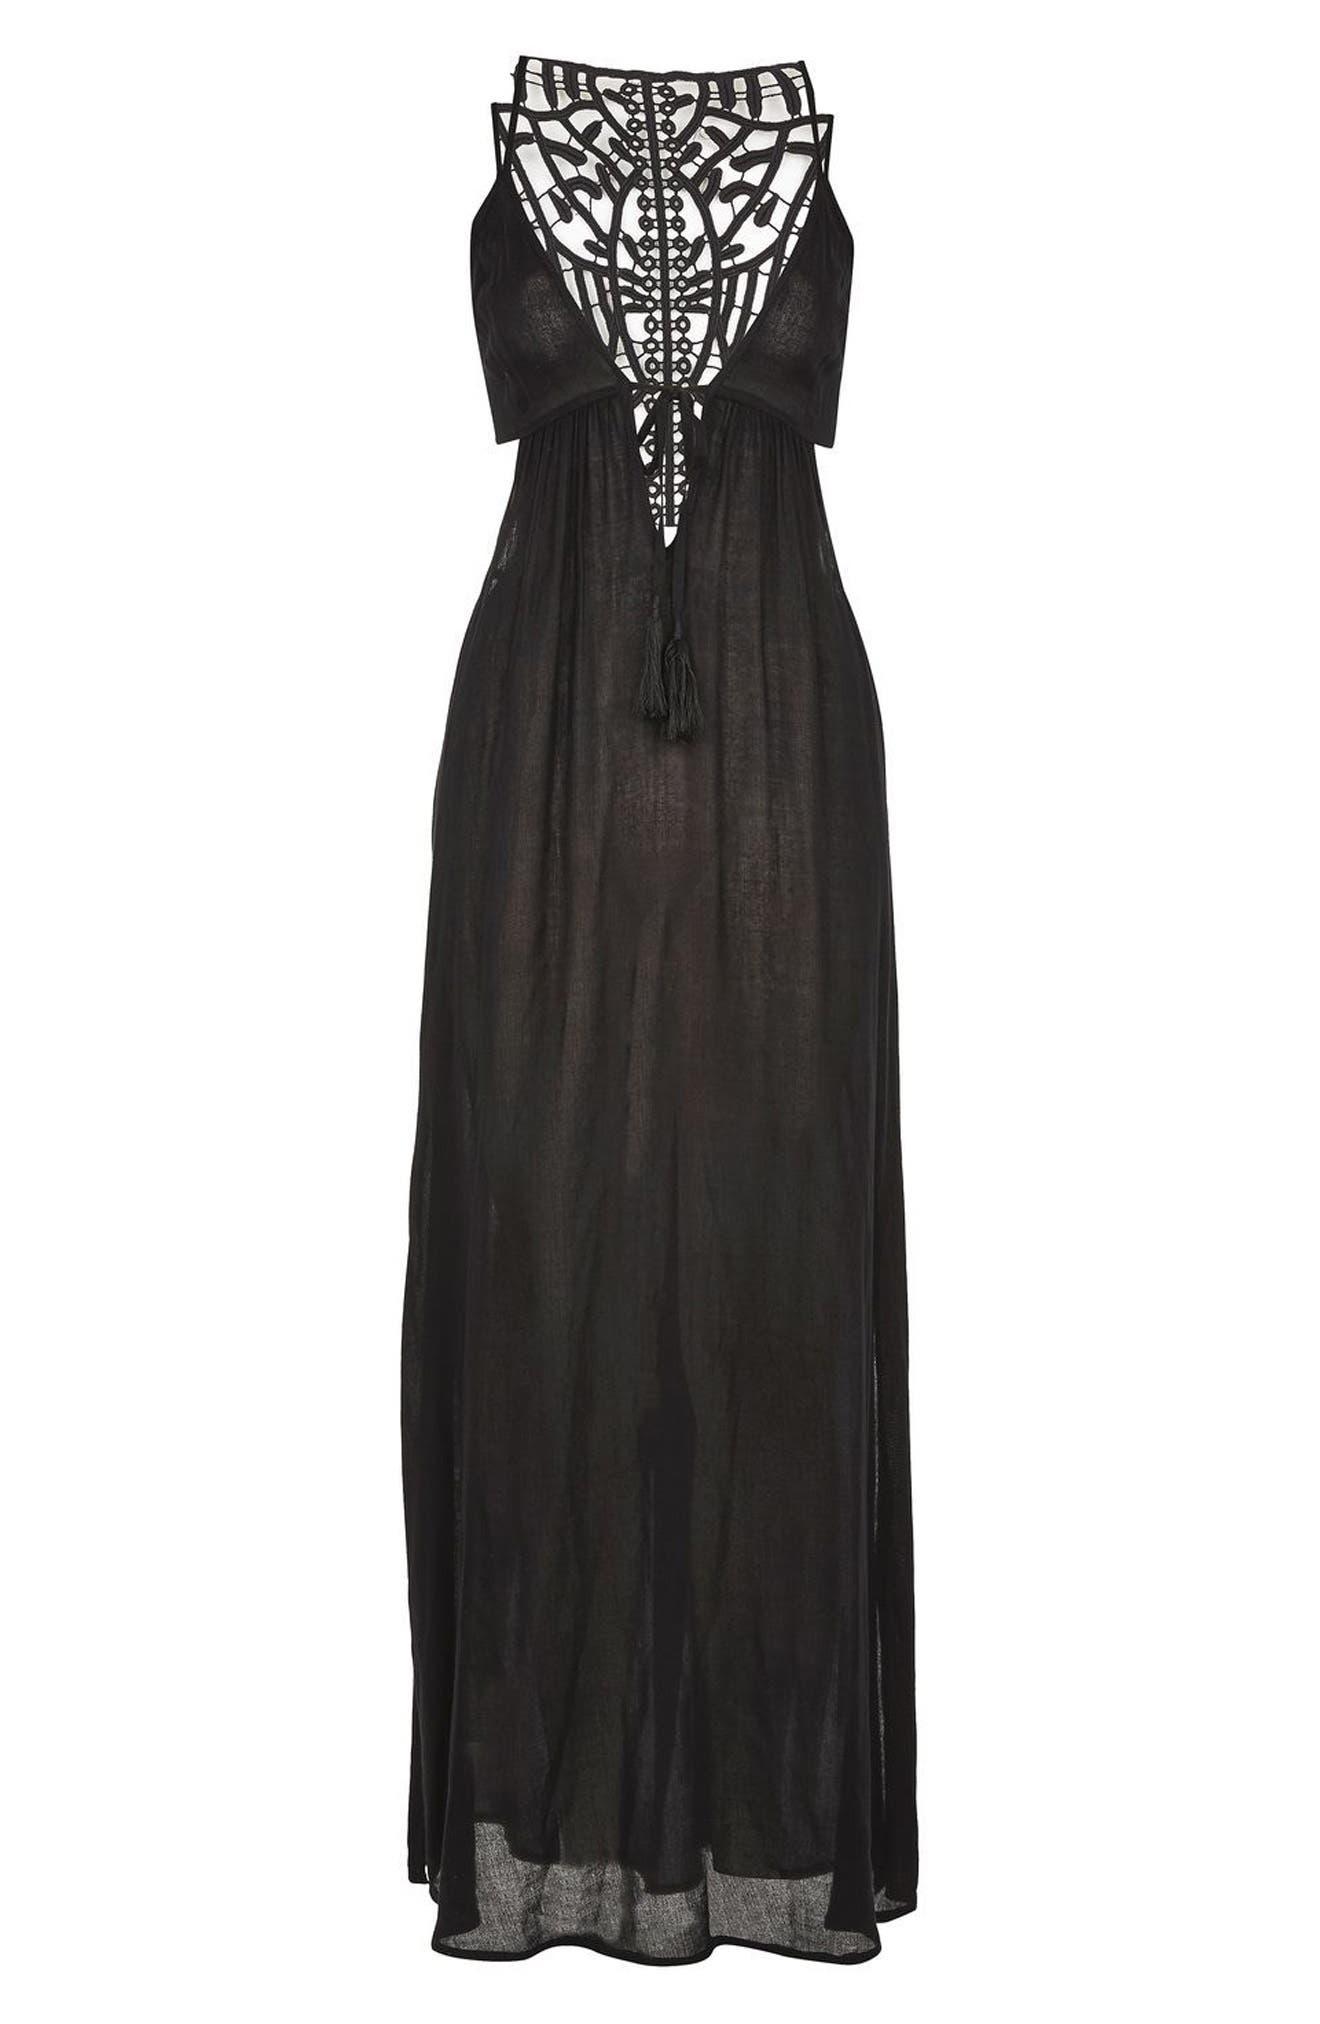 Topshop Crochet Back Cover-Up Maxi Dress